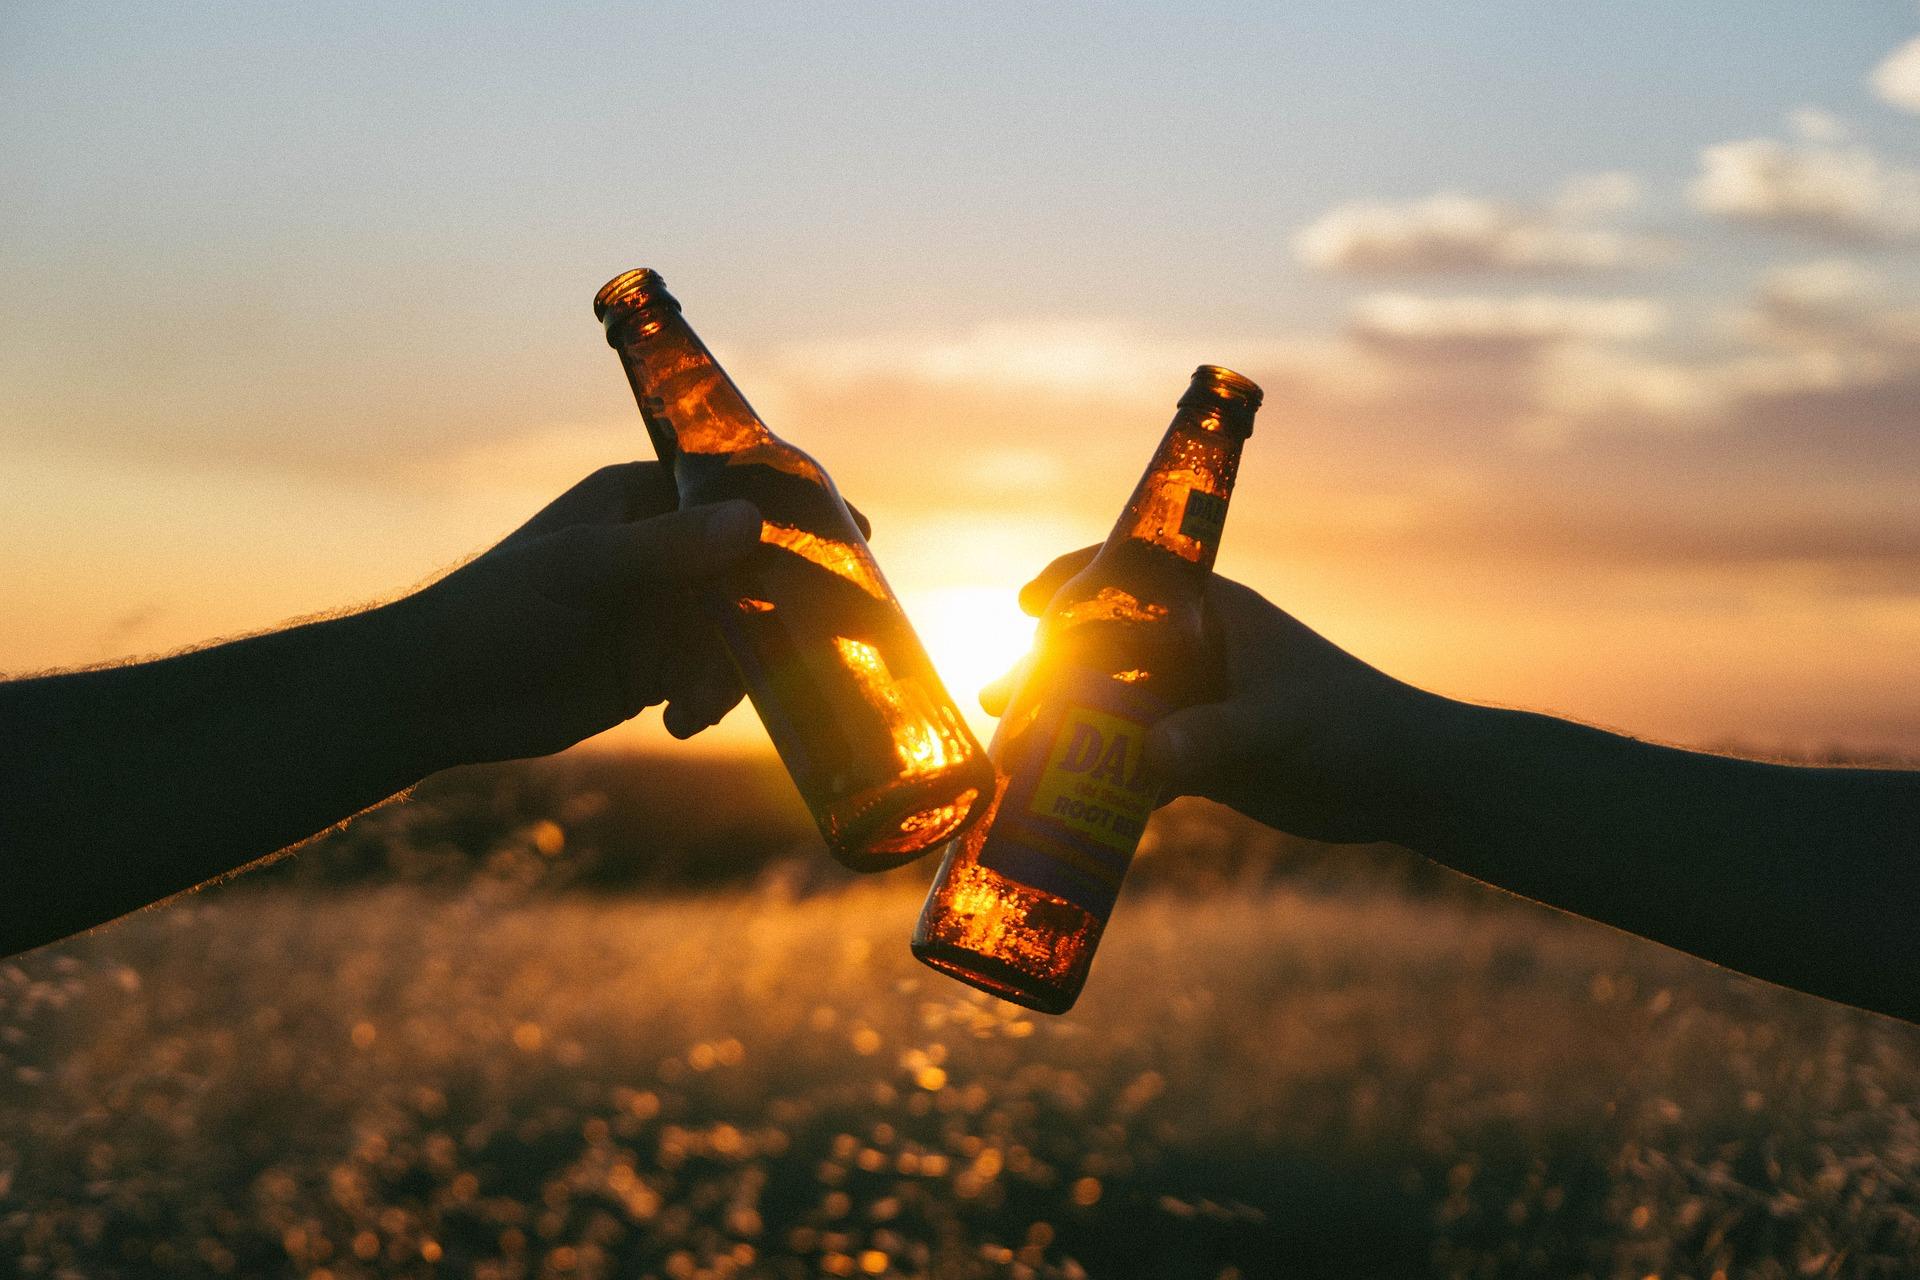 Toast, Freundschaft, Bier, paar, Entspannen Sie sich - Wallpaper HD - Prof.-falken.com